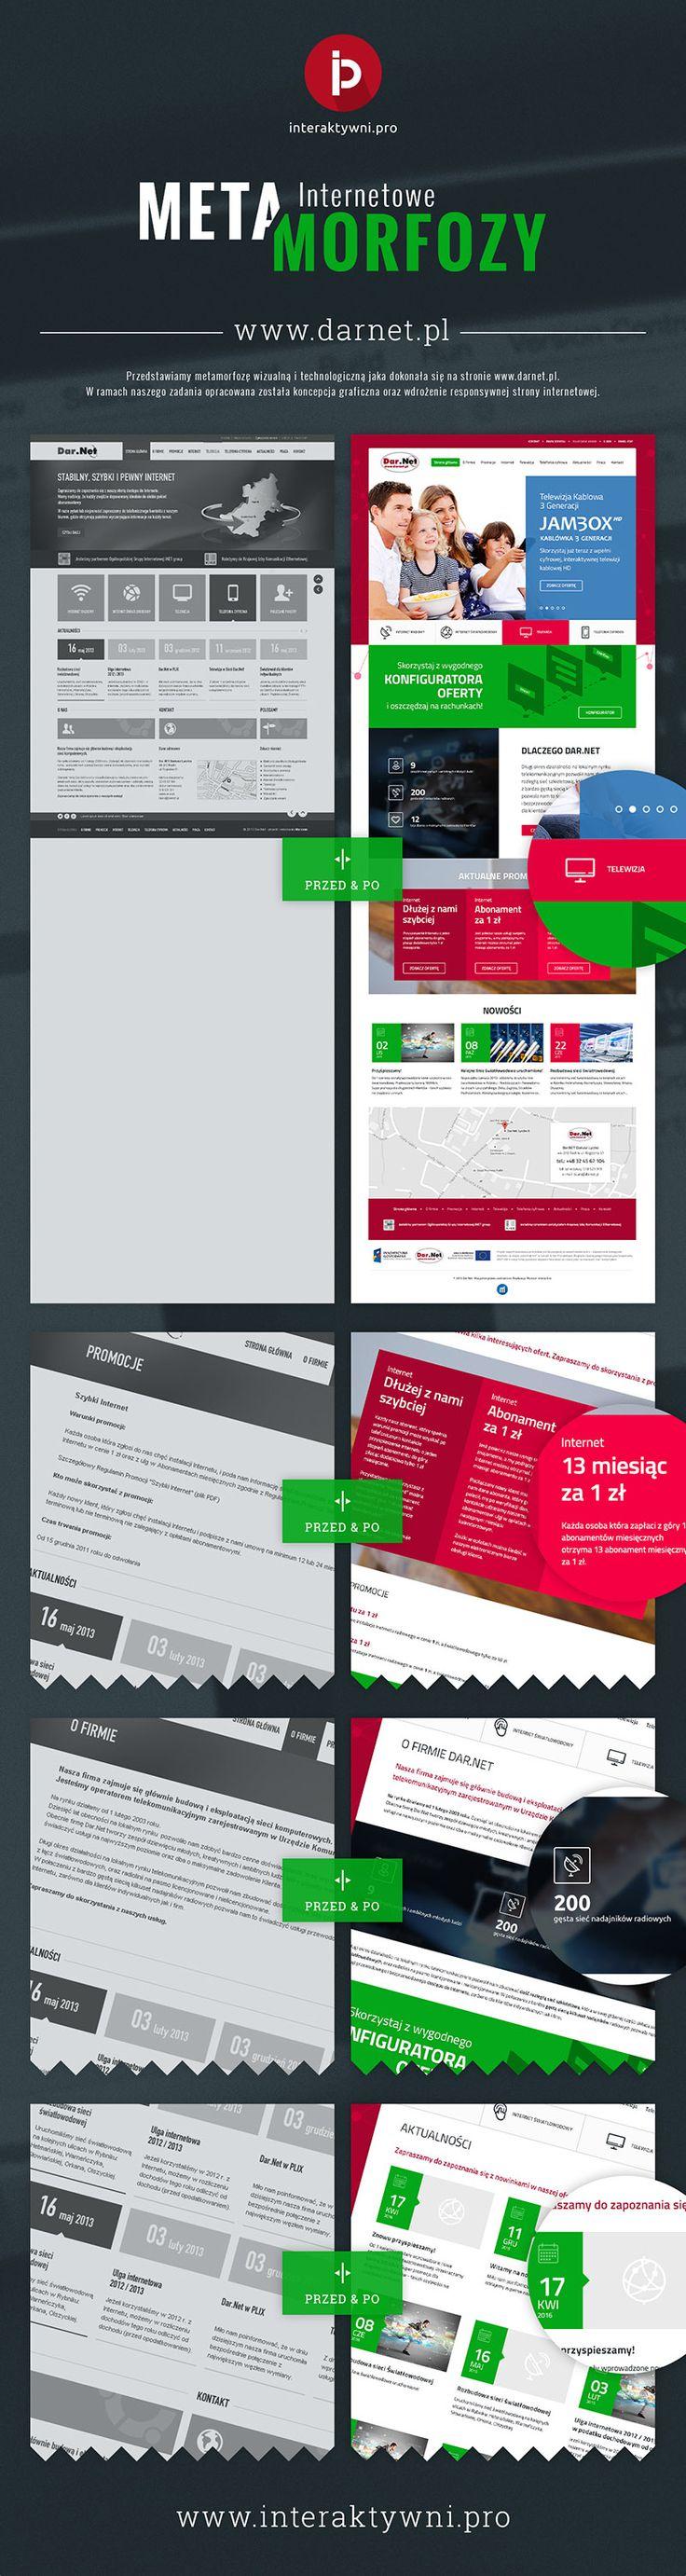 Internetowe metamorfozy by Interaktywni.pro. Zobacz jak zmieniamy strony internetowe zgodnie z najnowszymi trendami. // Internet metamorphosis by Interaktywni.pro. Check how we change  websites according to the latest trends. #agencjainteraktywna #interactiveagency #web #webdesign #responsivewebdesign #rwd